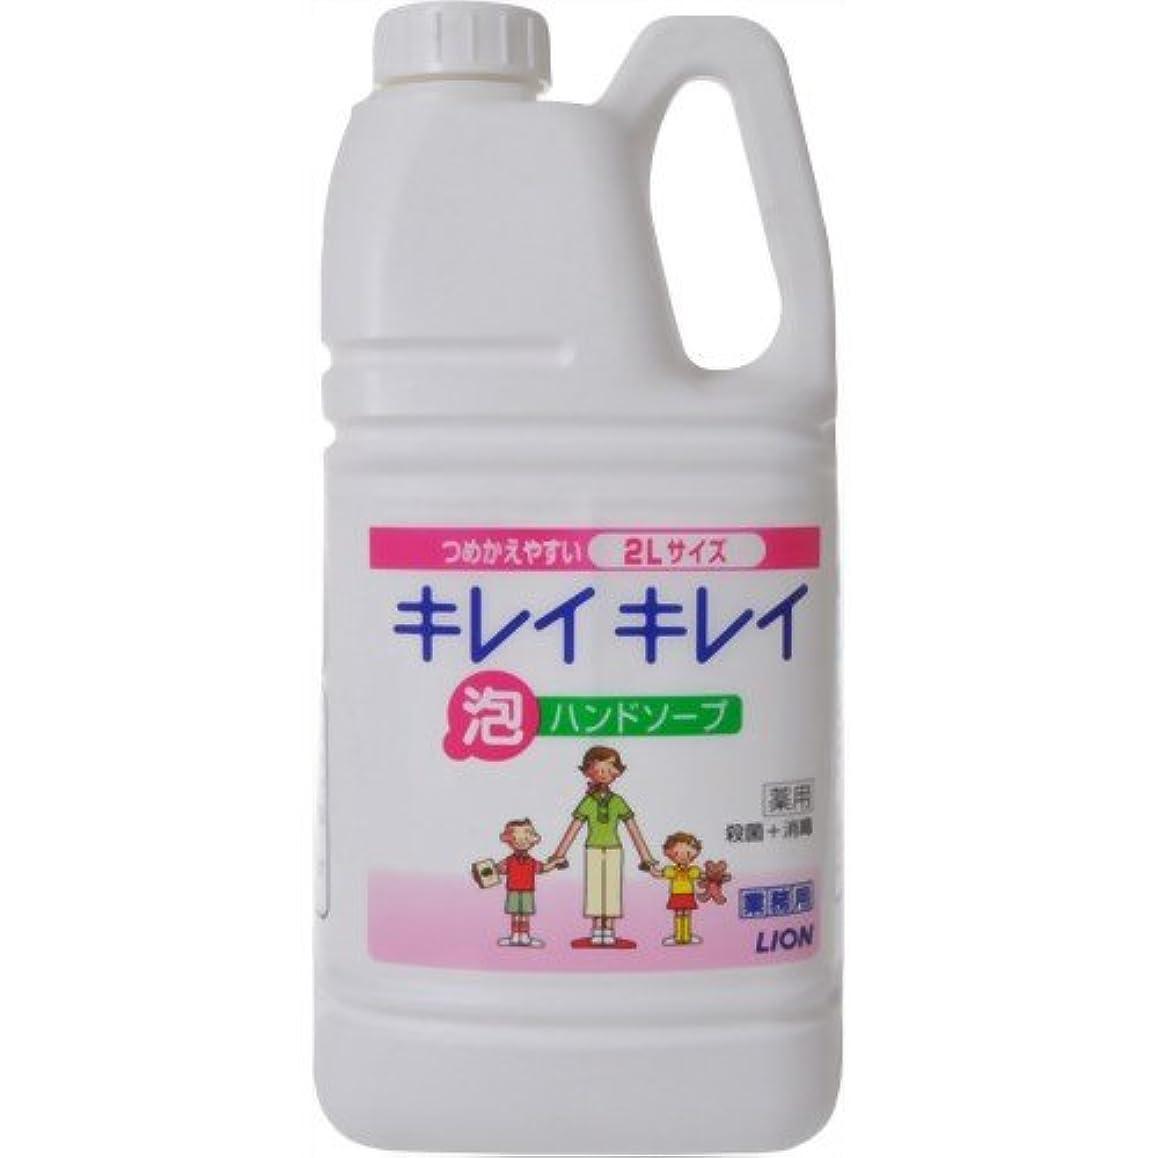 便宜窒息させるトリクルキレイキレイ薬用泡ハンドソープ2L(業務用)